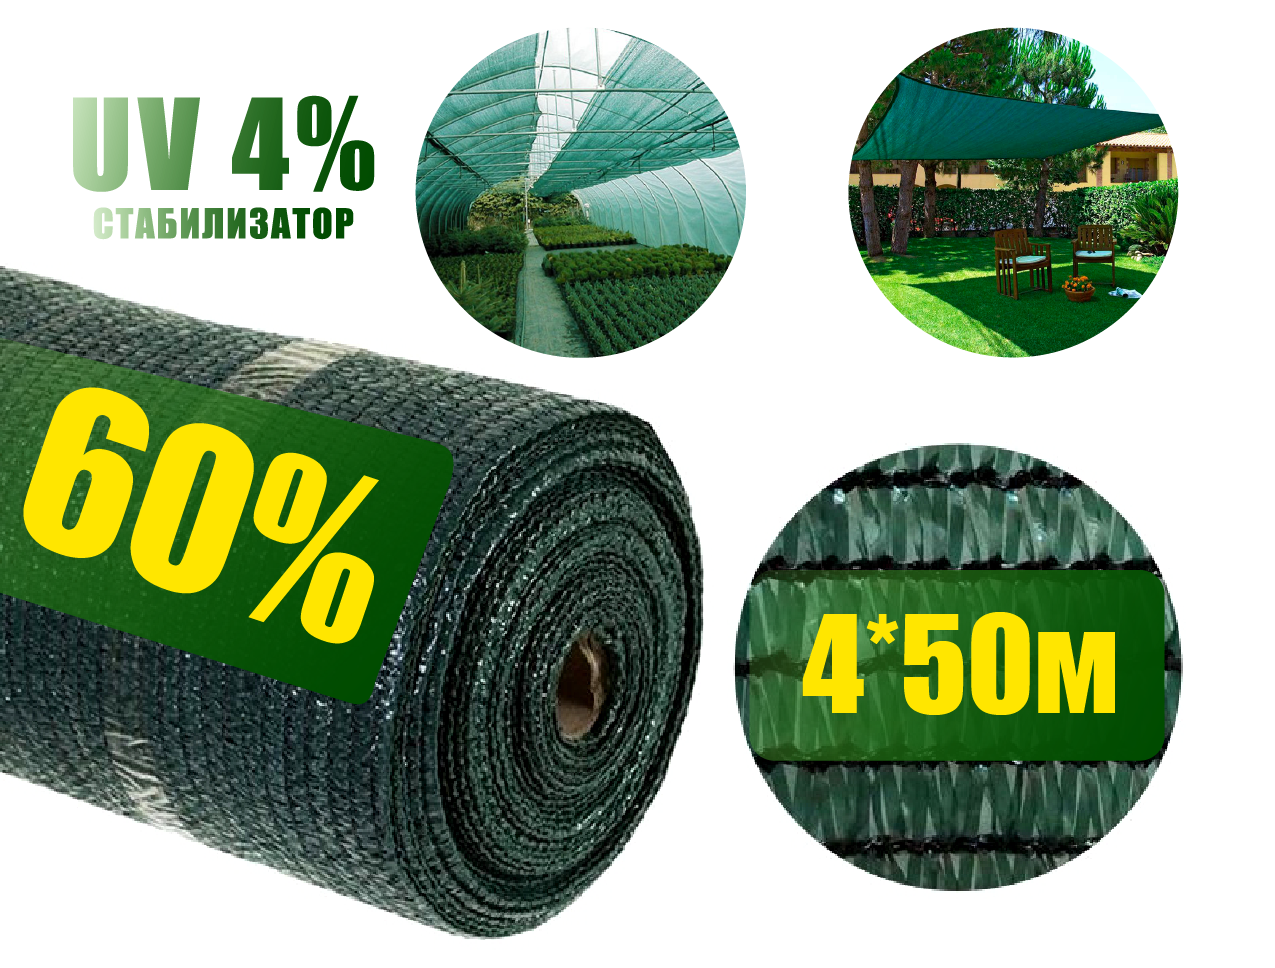 Сетка затеняющая  60%  3 м ширина на размотку Агролиния  120011